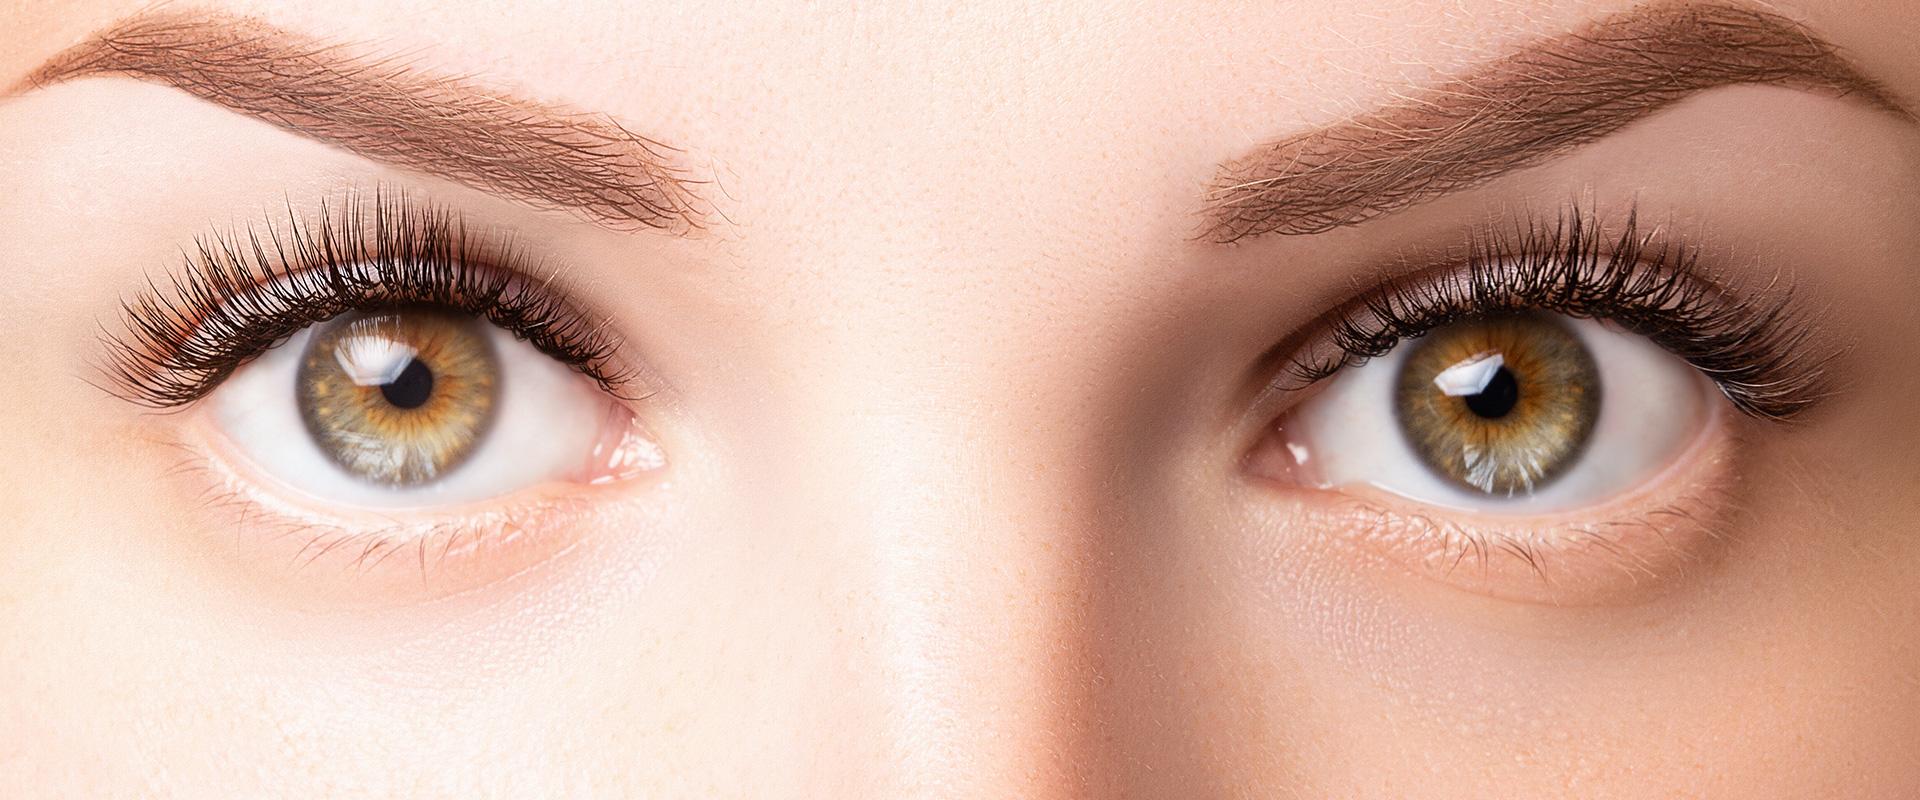 Eyelashes - SiSi Nail Spa